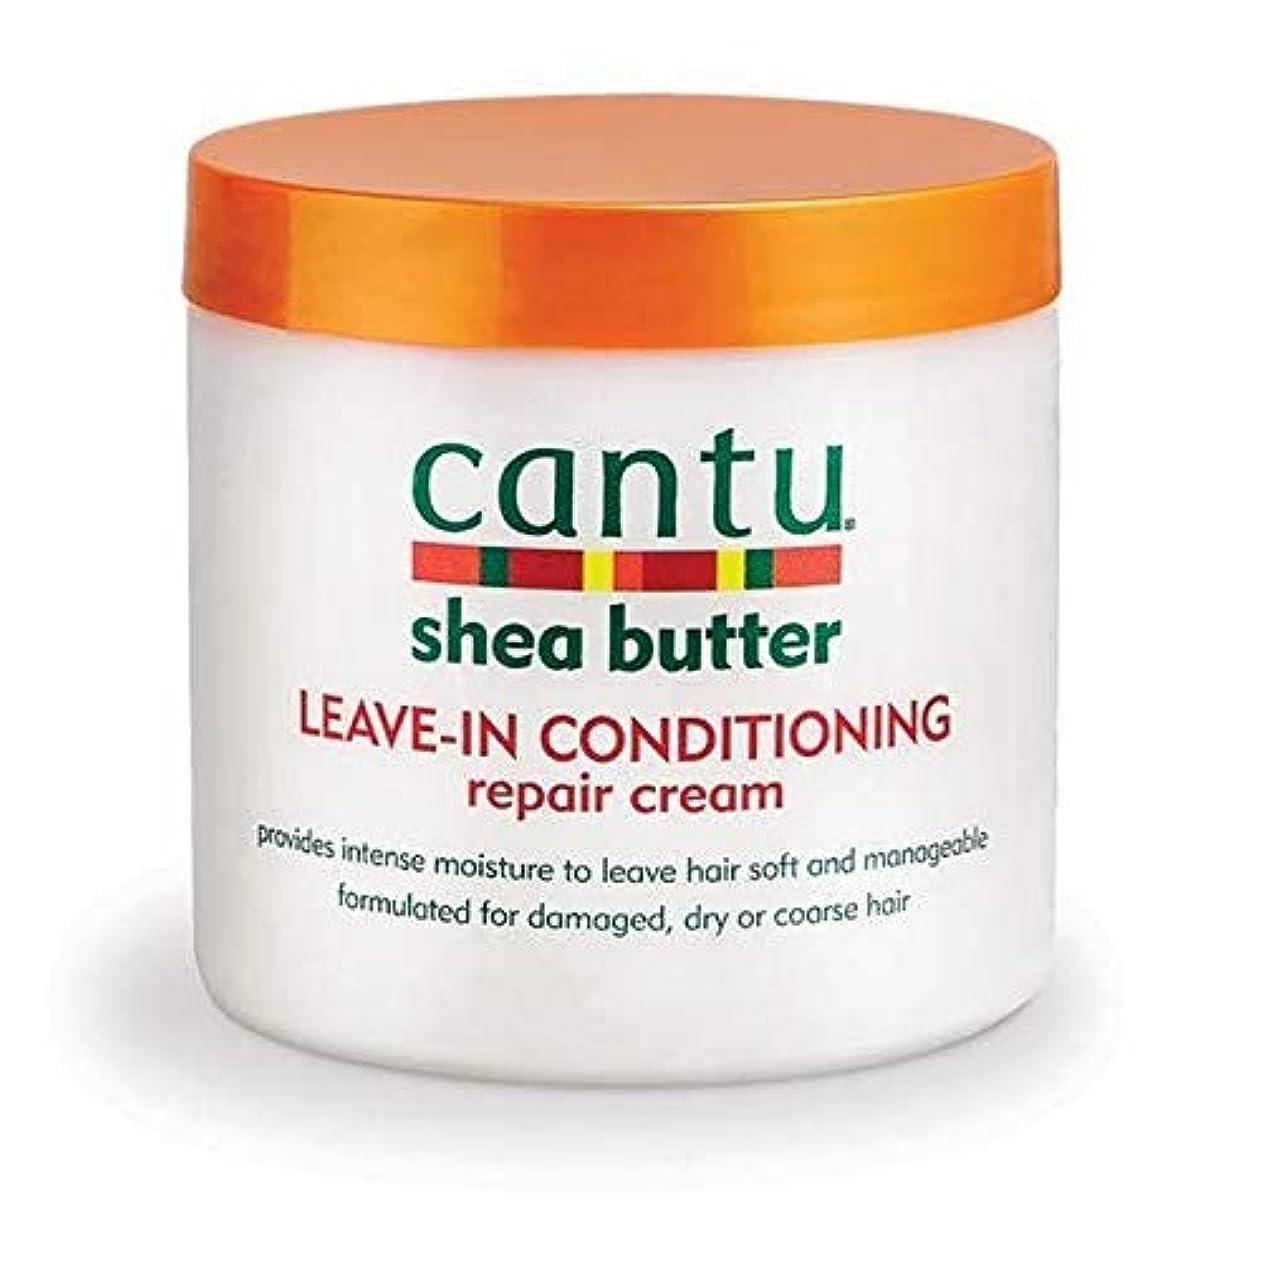 普通に無数のパキスタン[Cantu ] エアコン修理クリーム453グラムでカントゥシアバター休暇 - Cantu Shea Butter Leave in Conditioning Repair Cream 453g [並行輸入品]